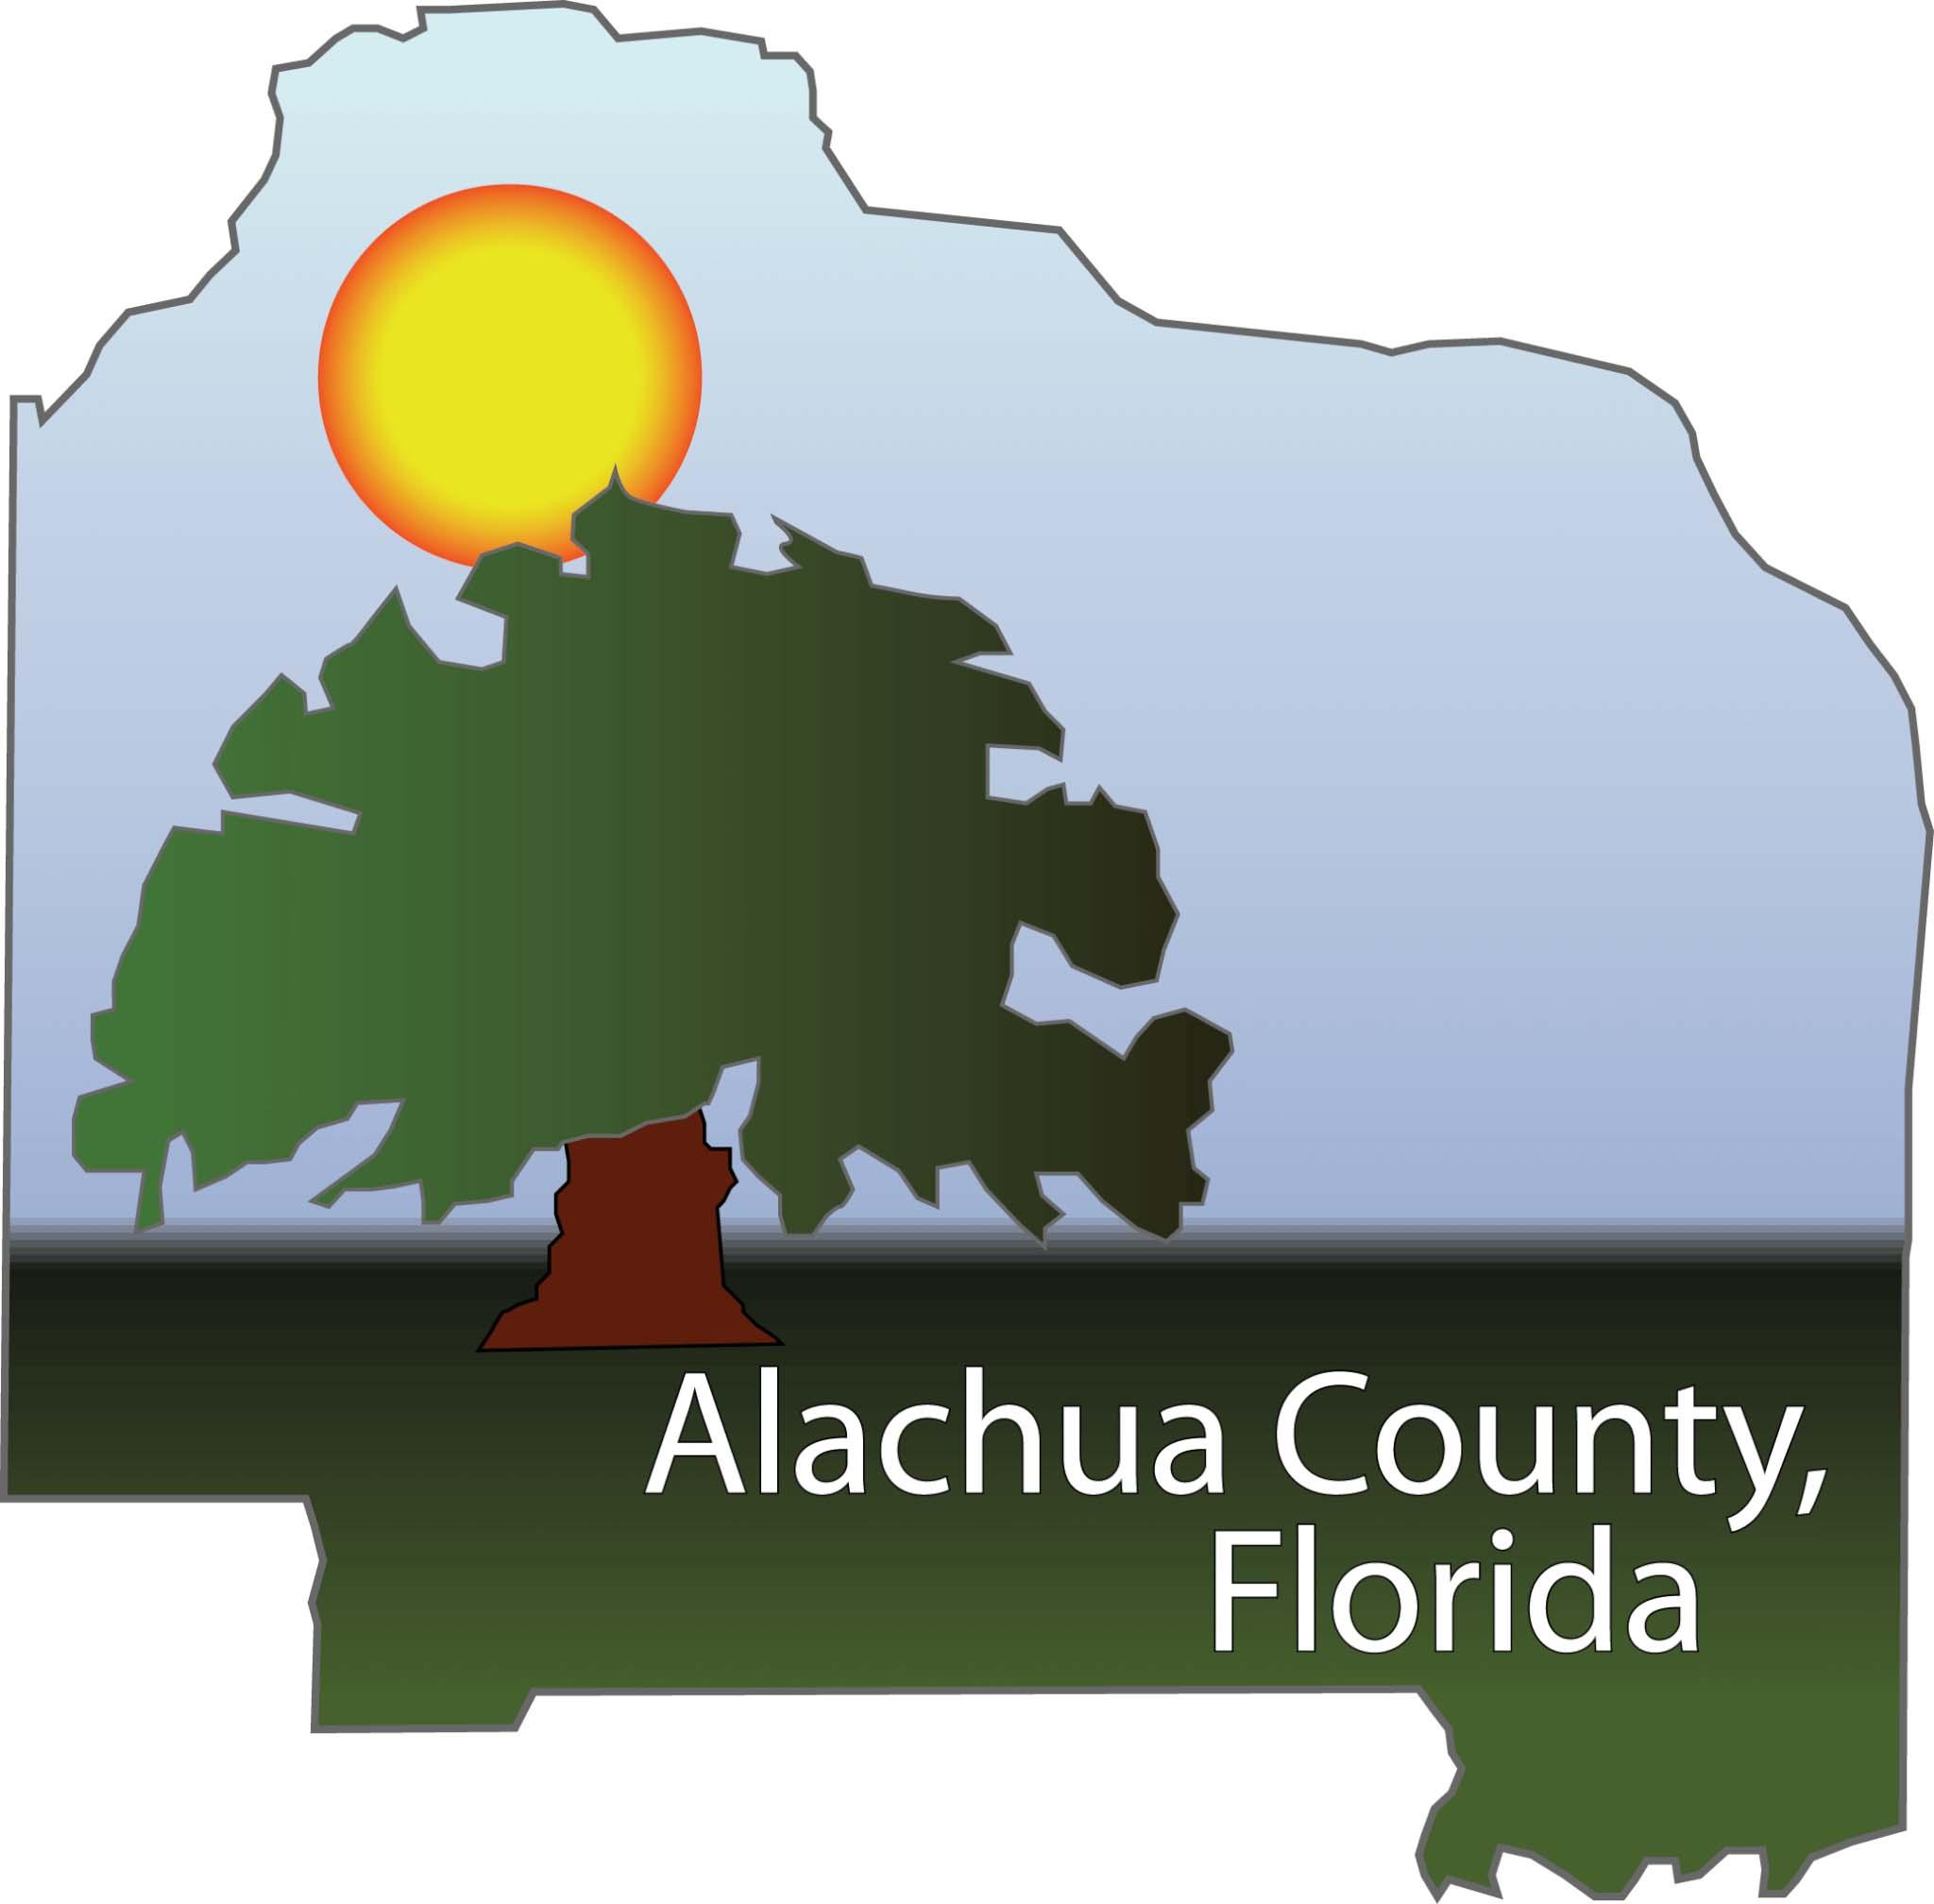 alachua county florida logo